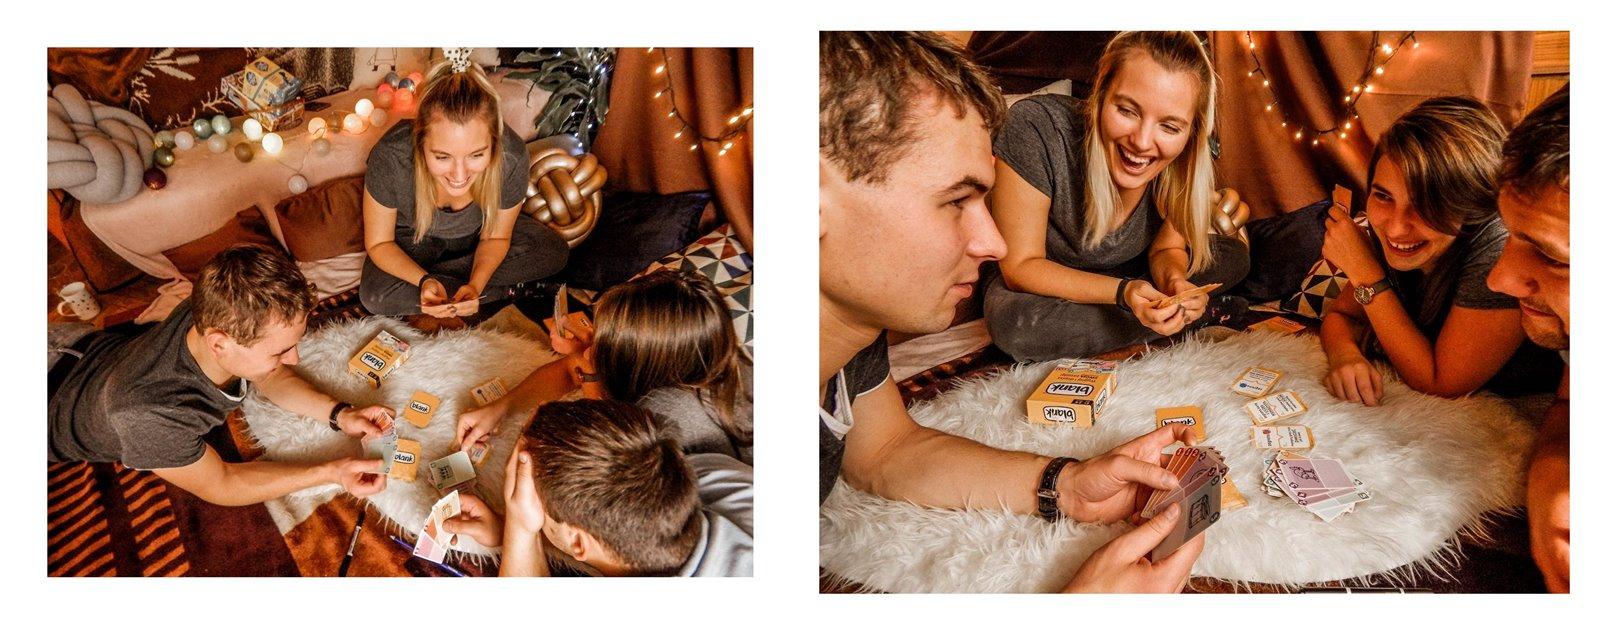 jungle speed plaża zasady recenzja gra cena gdzie kupić jak grać, blank, chyba śnisz ile osób jakie są zasady, recenzja, opinia, rozgrywka, blog, lifestyle, łódź